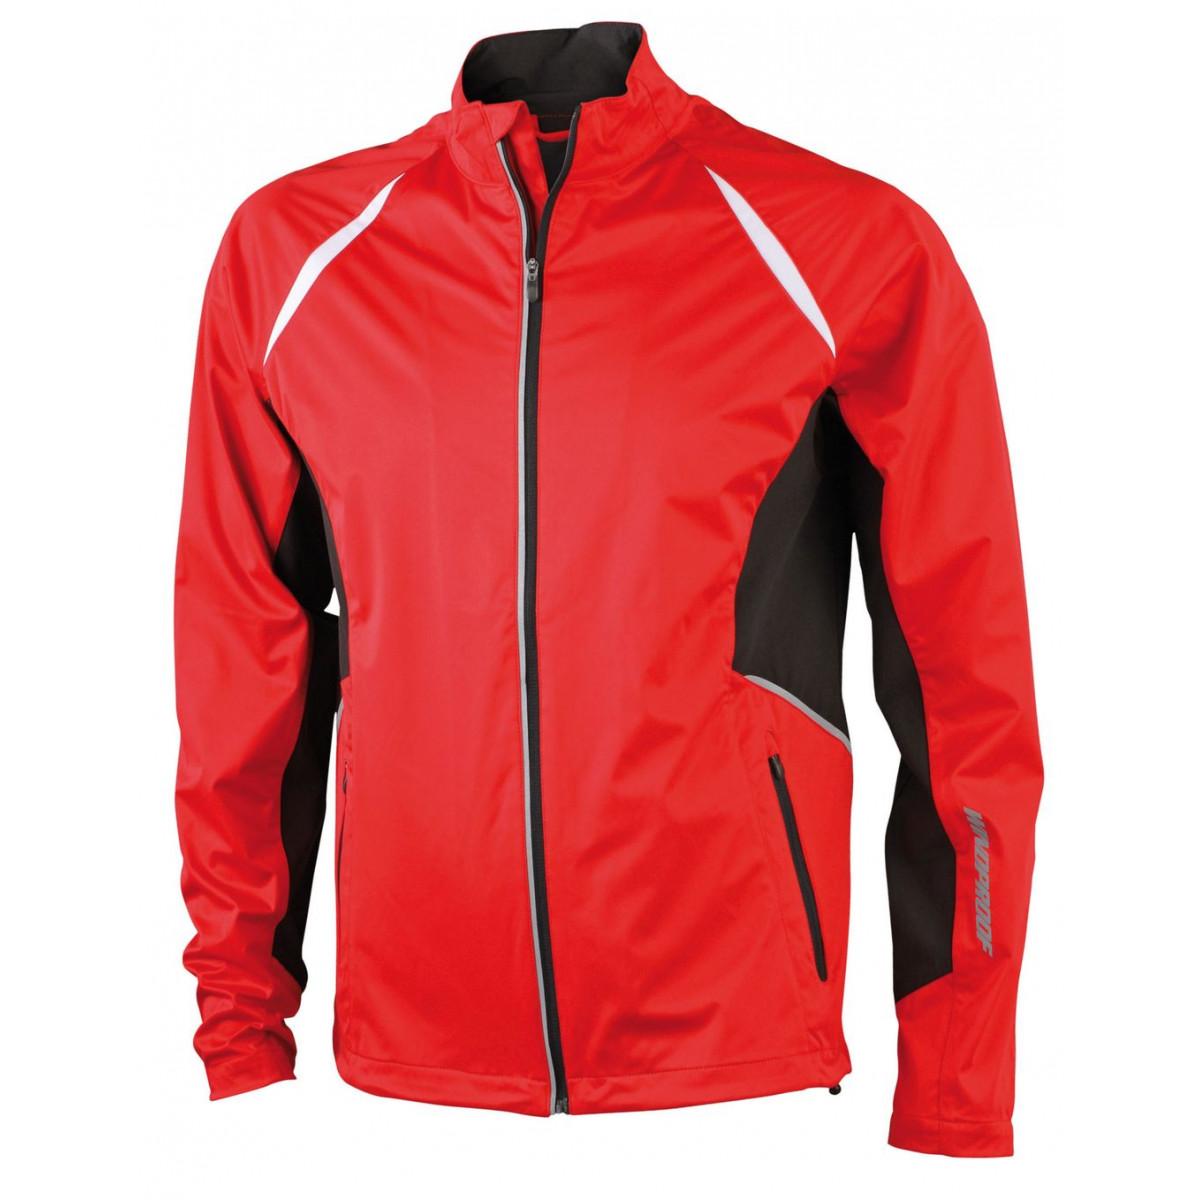 Куртка мужская JN440 Mens Sports Jacket Windproof - Красный/Черный